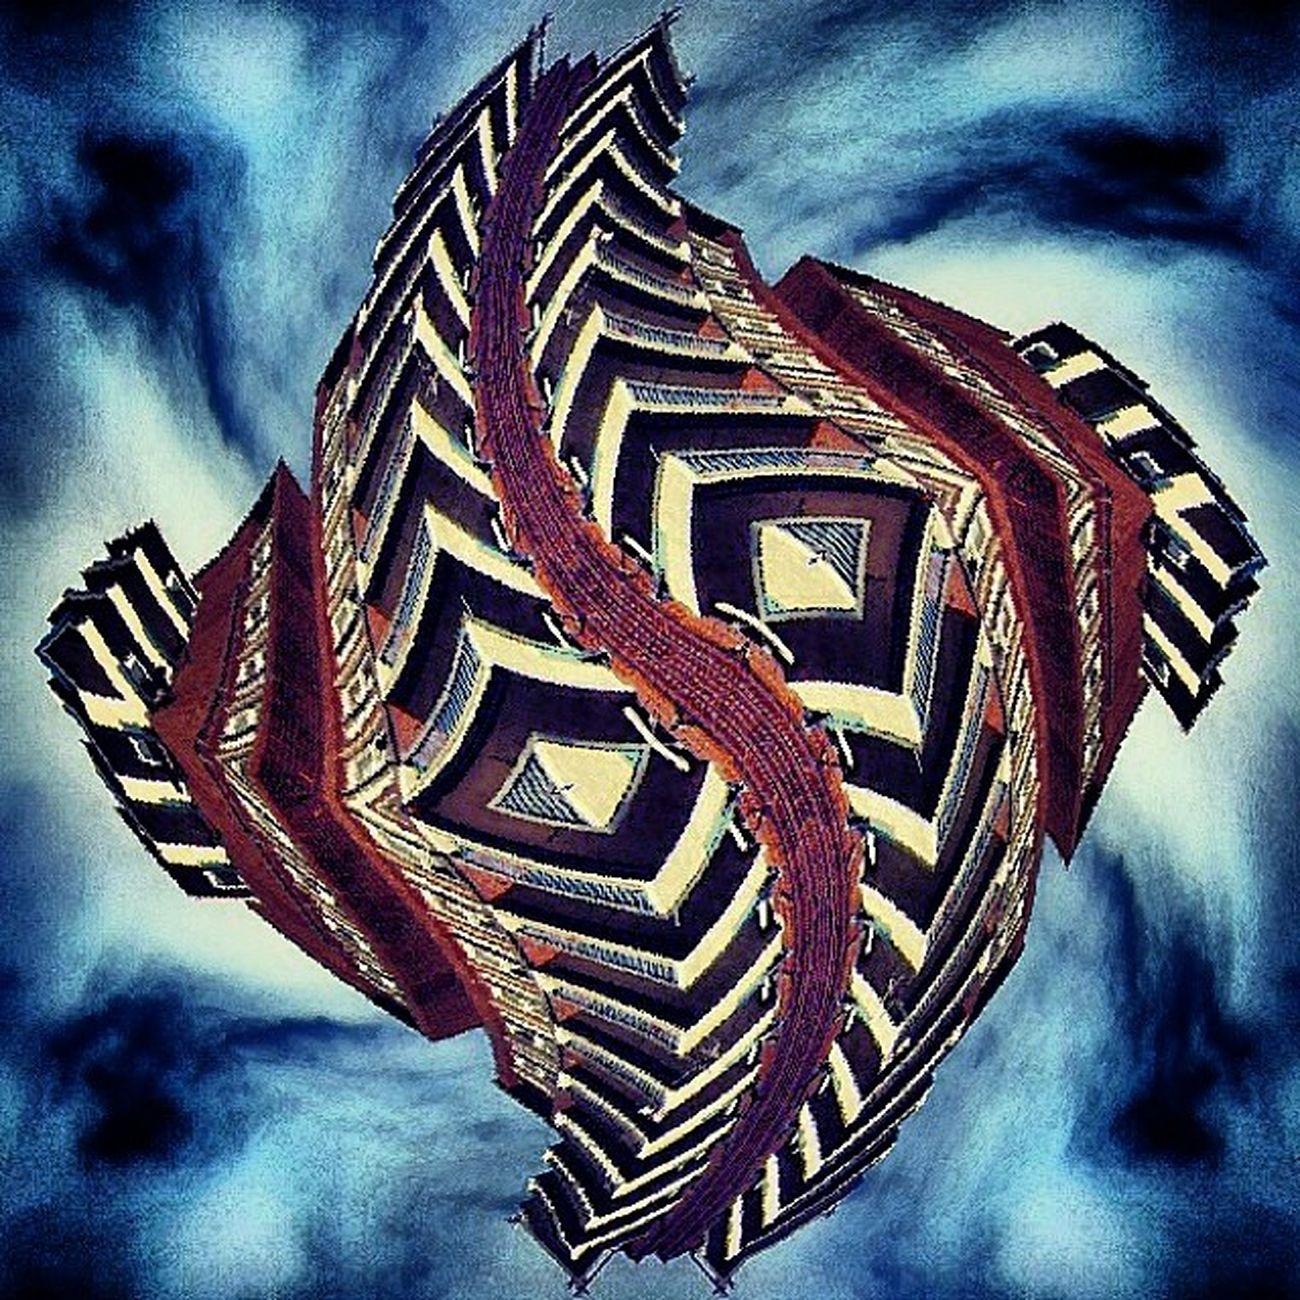 Walworth Highriseflats Symmetry Symmetrybuff symmetry_art symmetrysundays symmetryart symmetry_buff symmetryporn symmetrylove symmetry_love mirrorgram balconies ufo